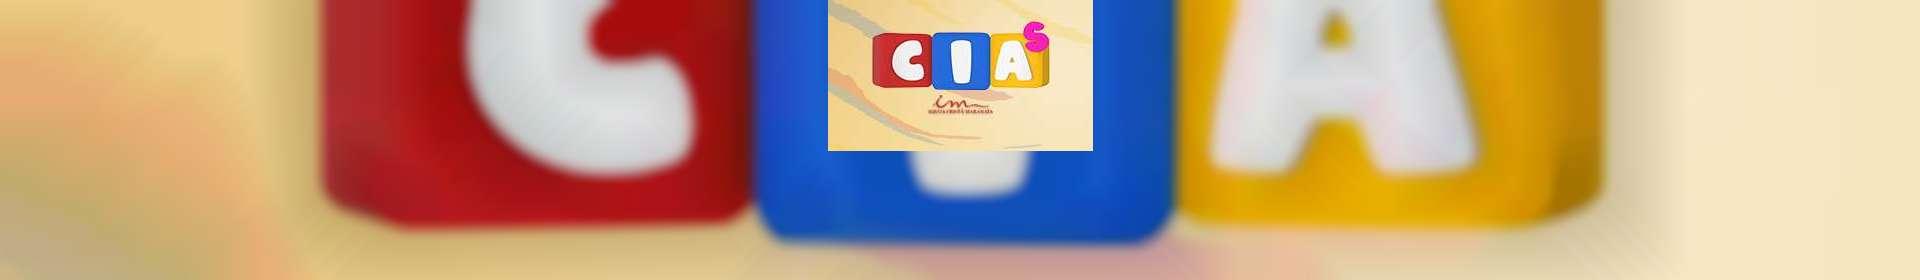 Aula de CIAS: classe de 11 a 15 anos - 02 de abril de 2020